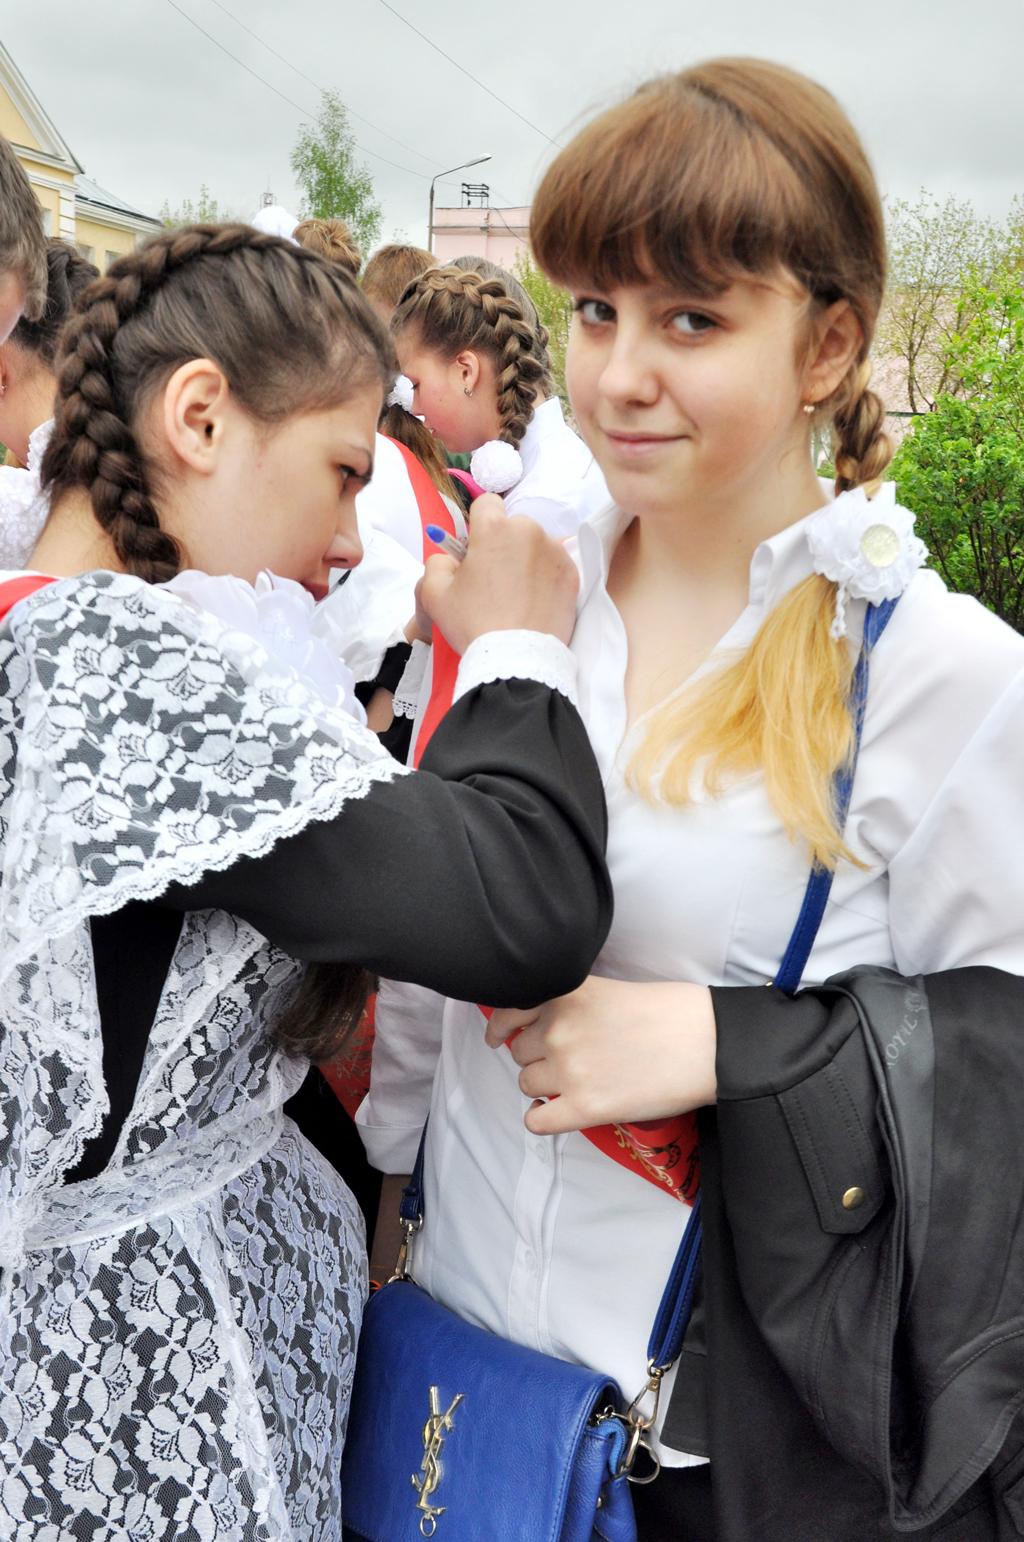 028_Natali_Kuznecova